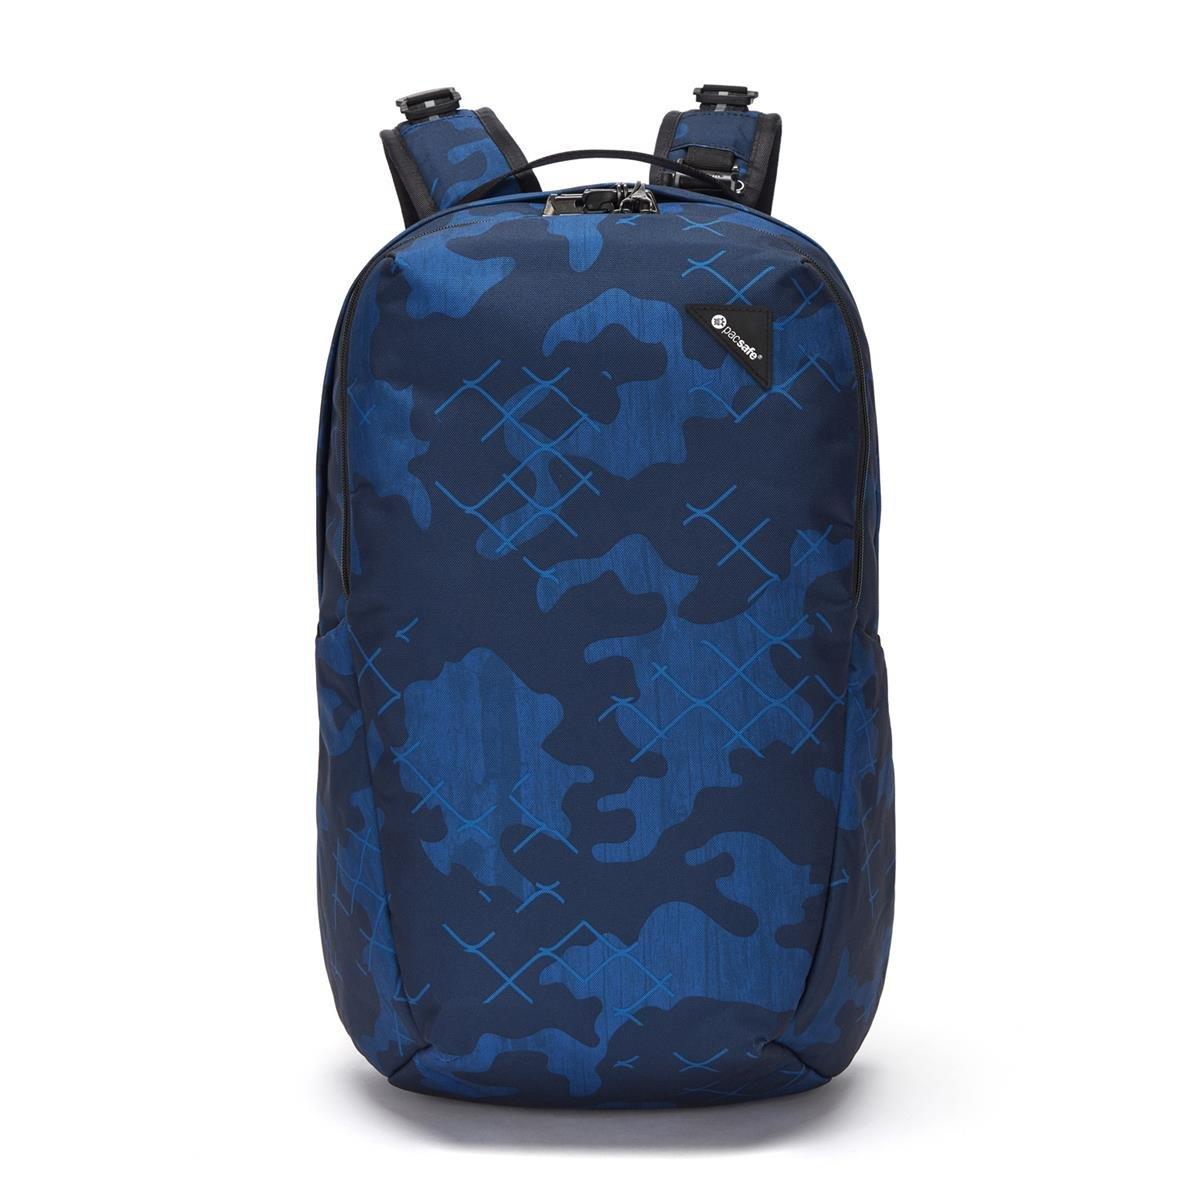 Plecak turystyczny 25L Pacsafe Vibe 25